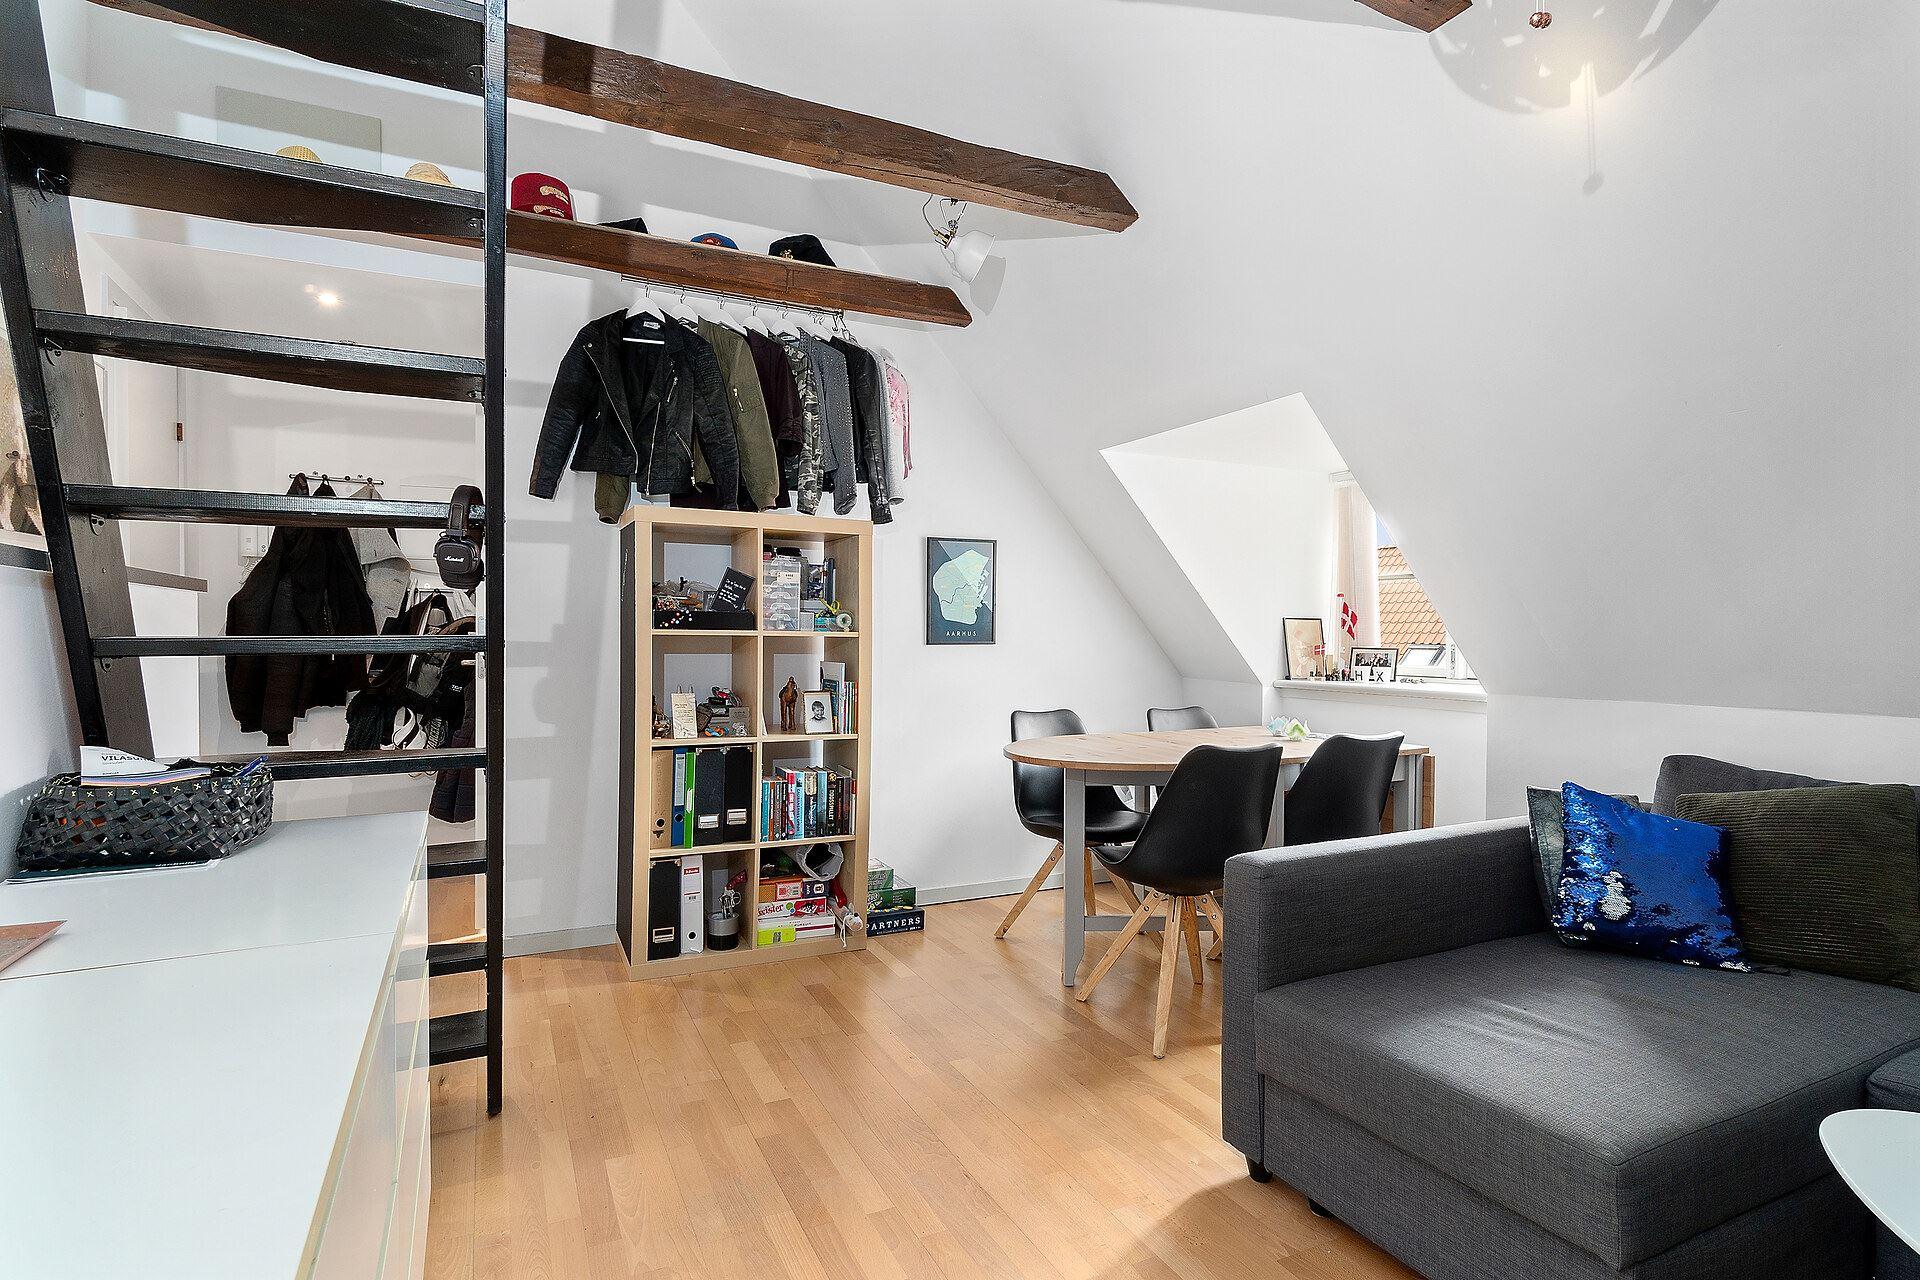 Christen Købkes Gade 4  2. tv., 8000 Aarhus C